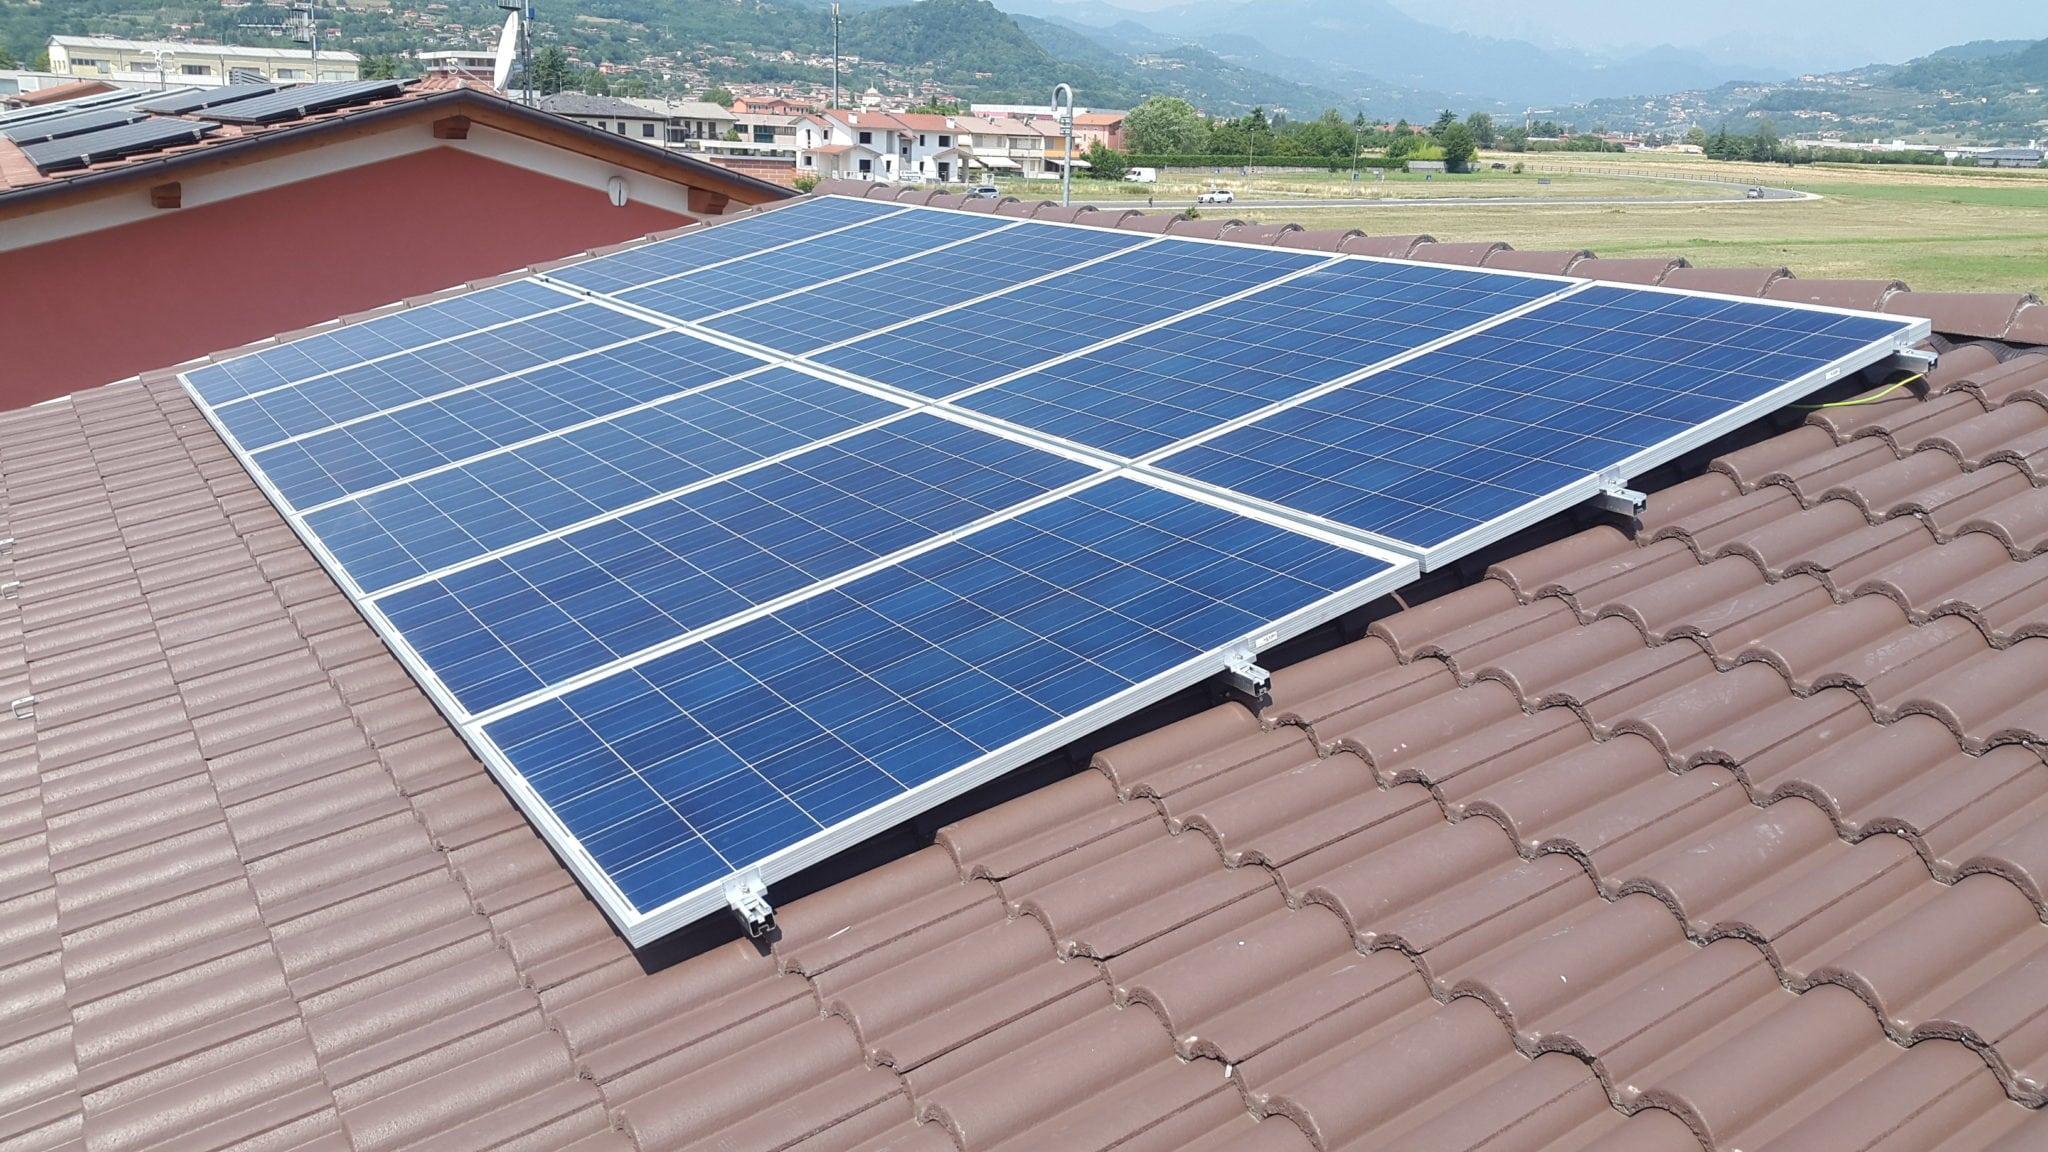 Pannelli Fotovoltaici Raffreddati Ad Acqua.Fotovoltaico Accumulo E Pompe Di Calore Cosi Viessmann Ha Reso